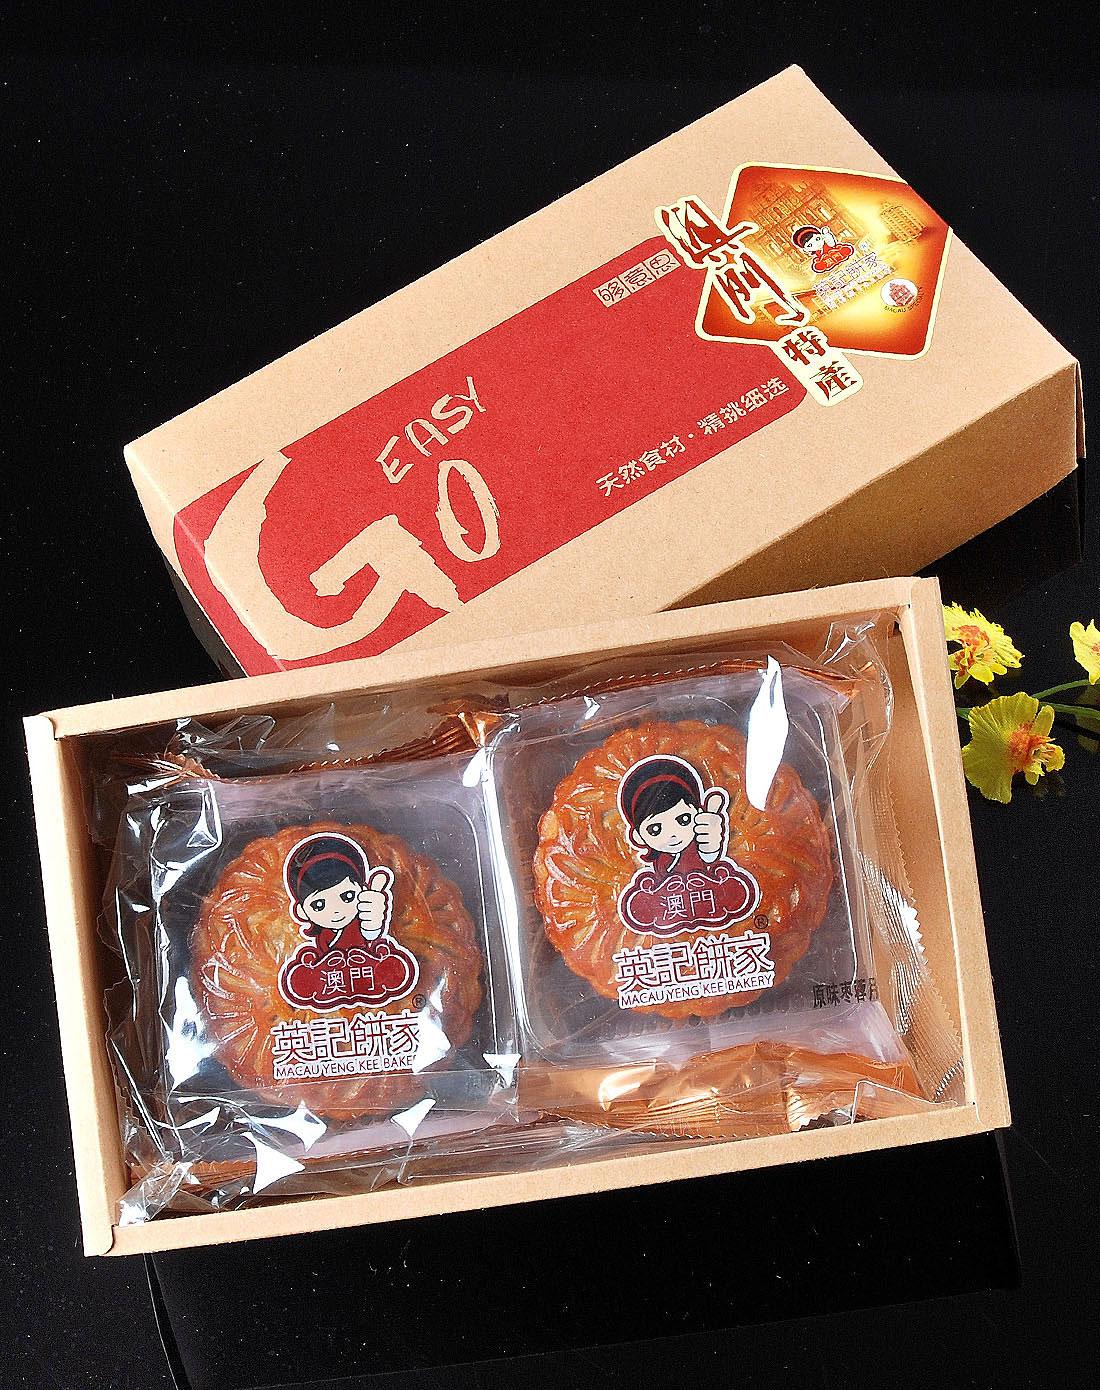 英记_澳门英记食品专场-新品上市 榄仁枣蓉月饼 350g 够意思系列